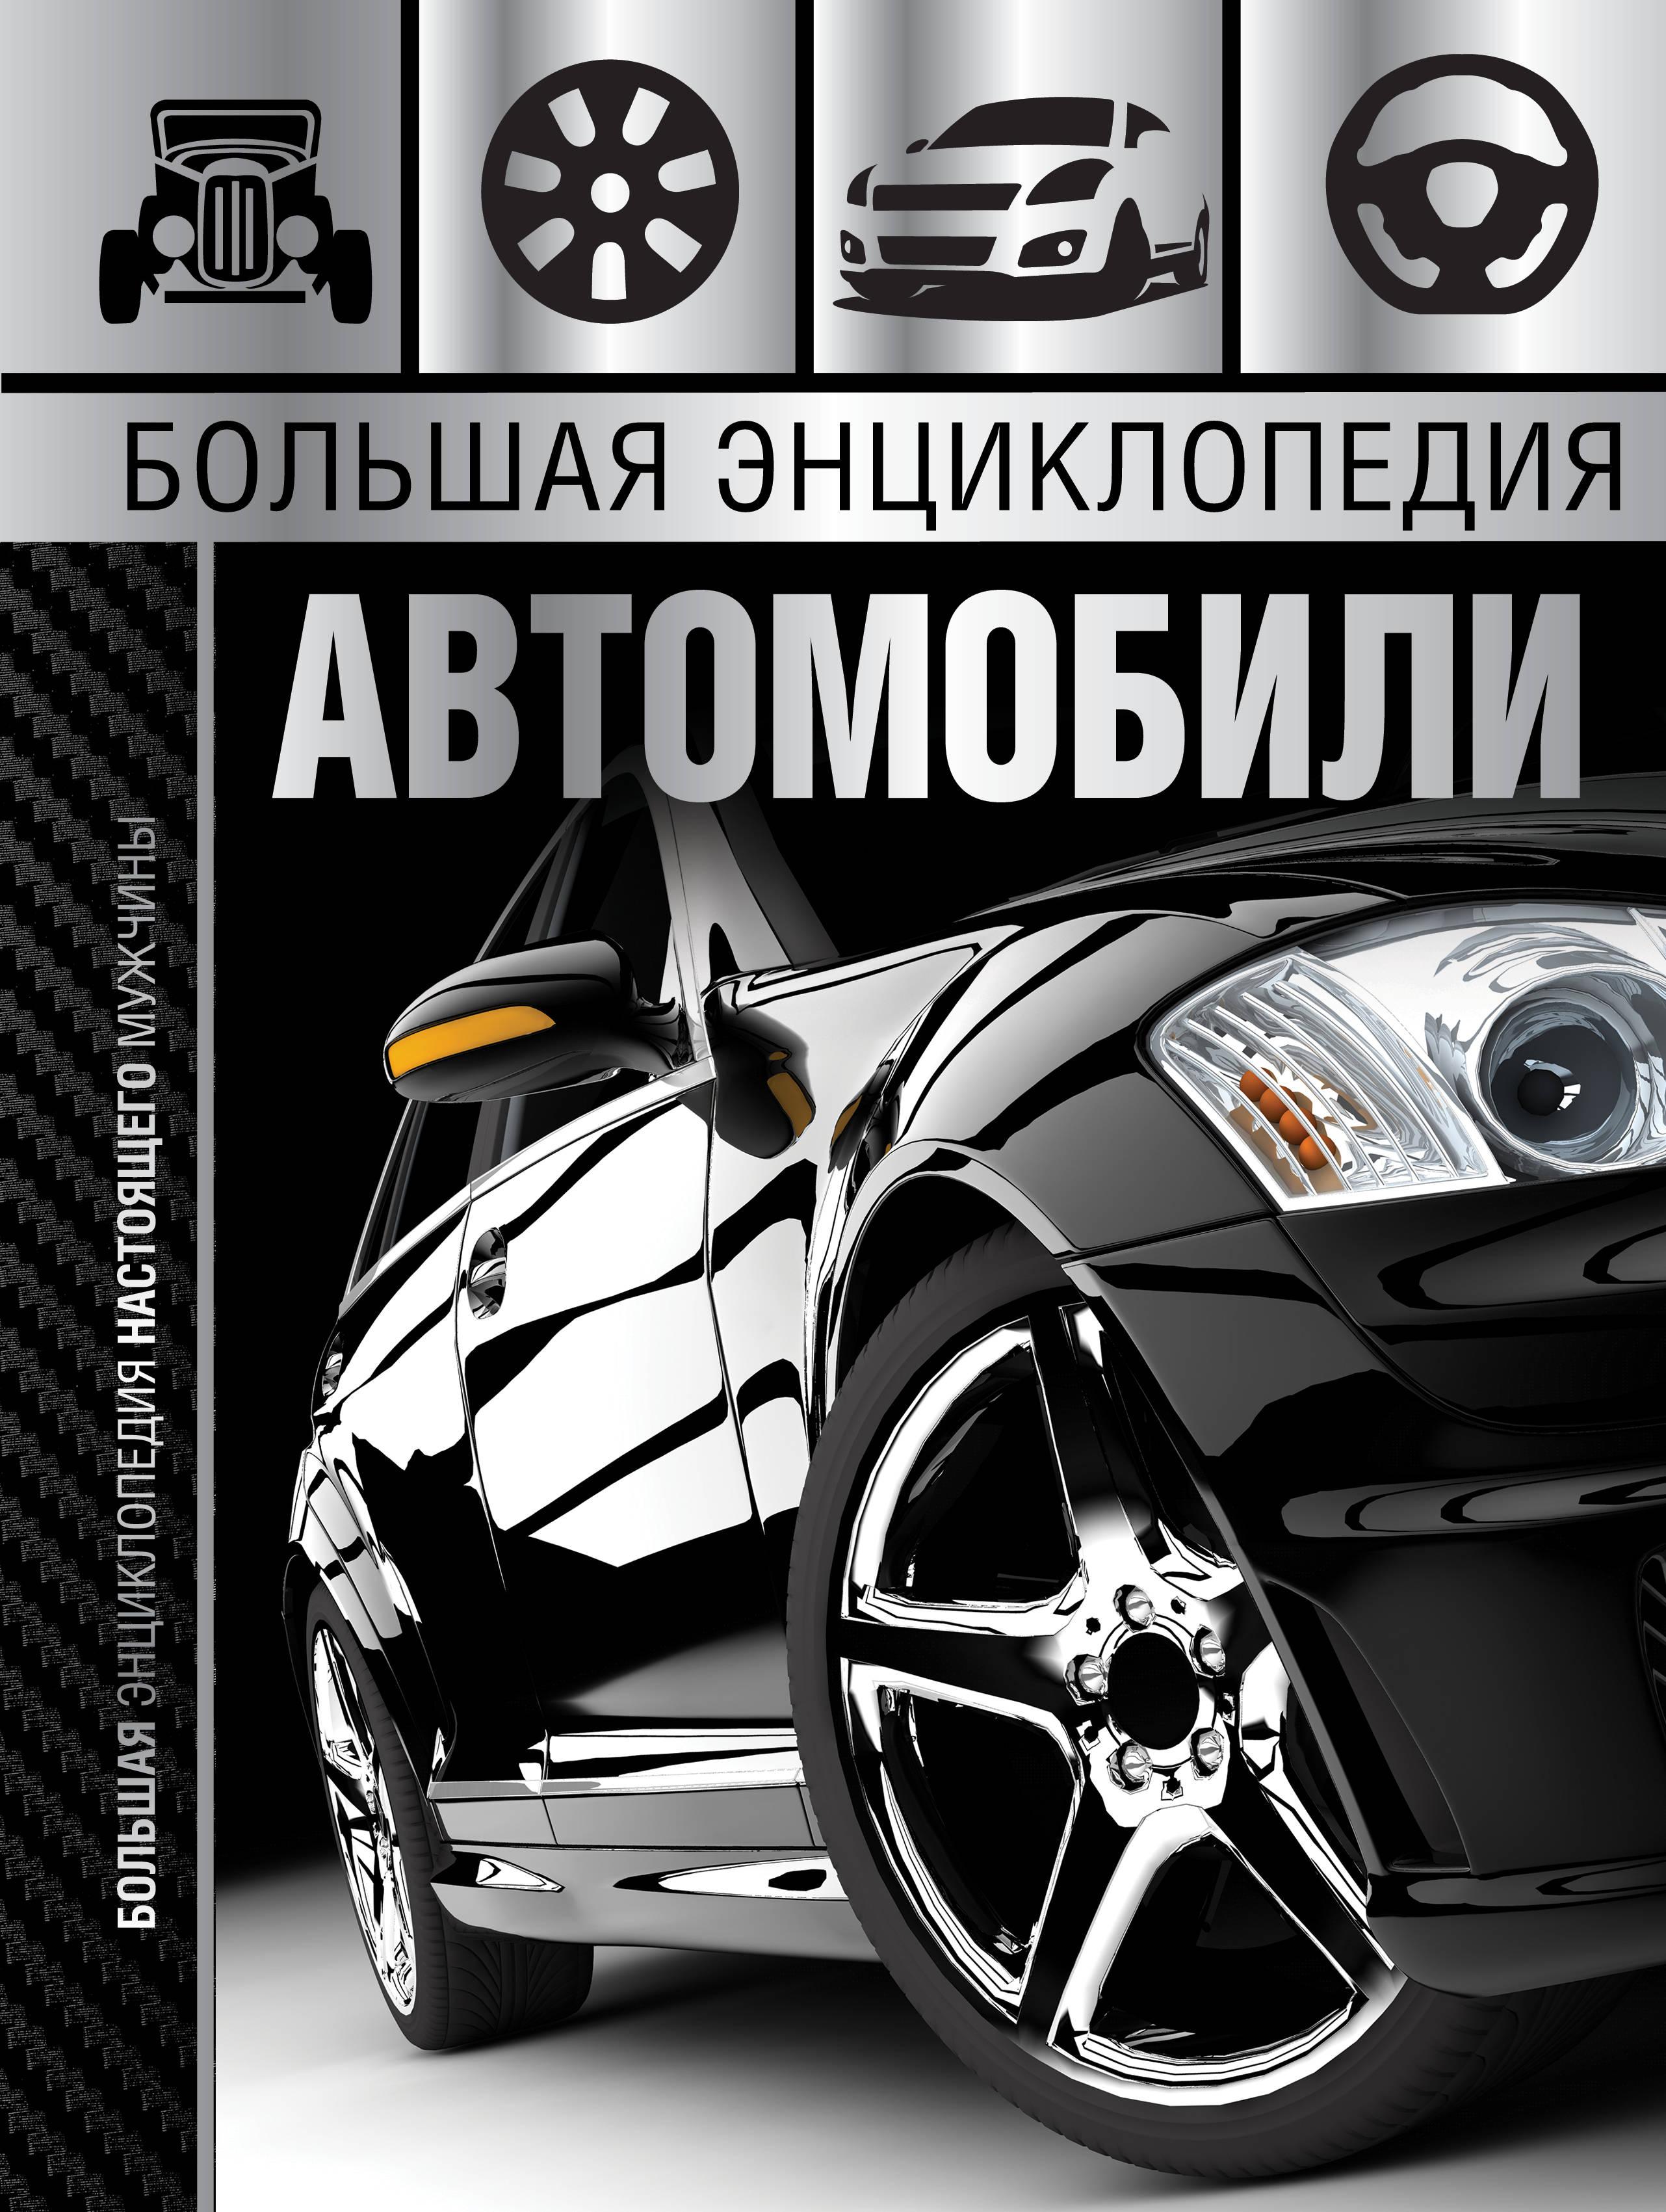 Bolshaja entsiklopedija. Avtomobili